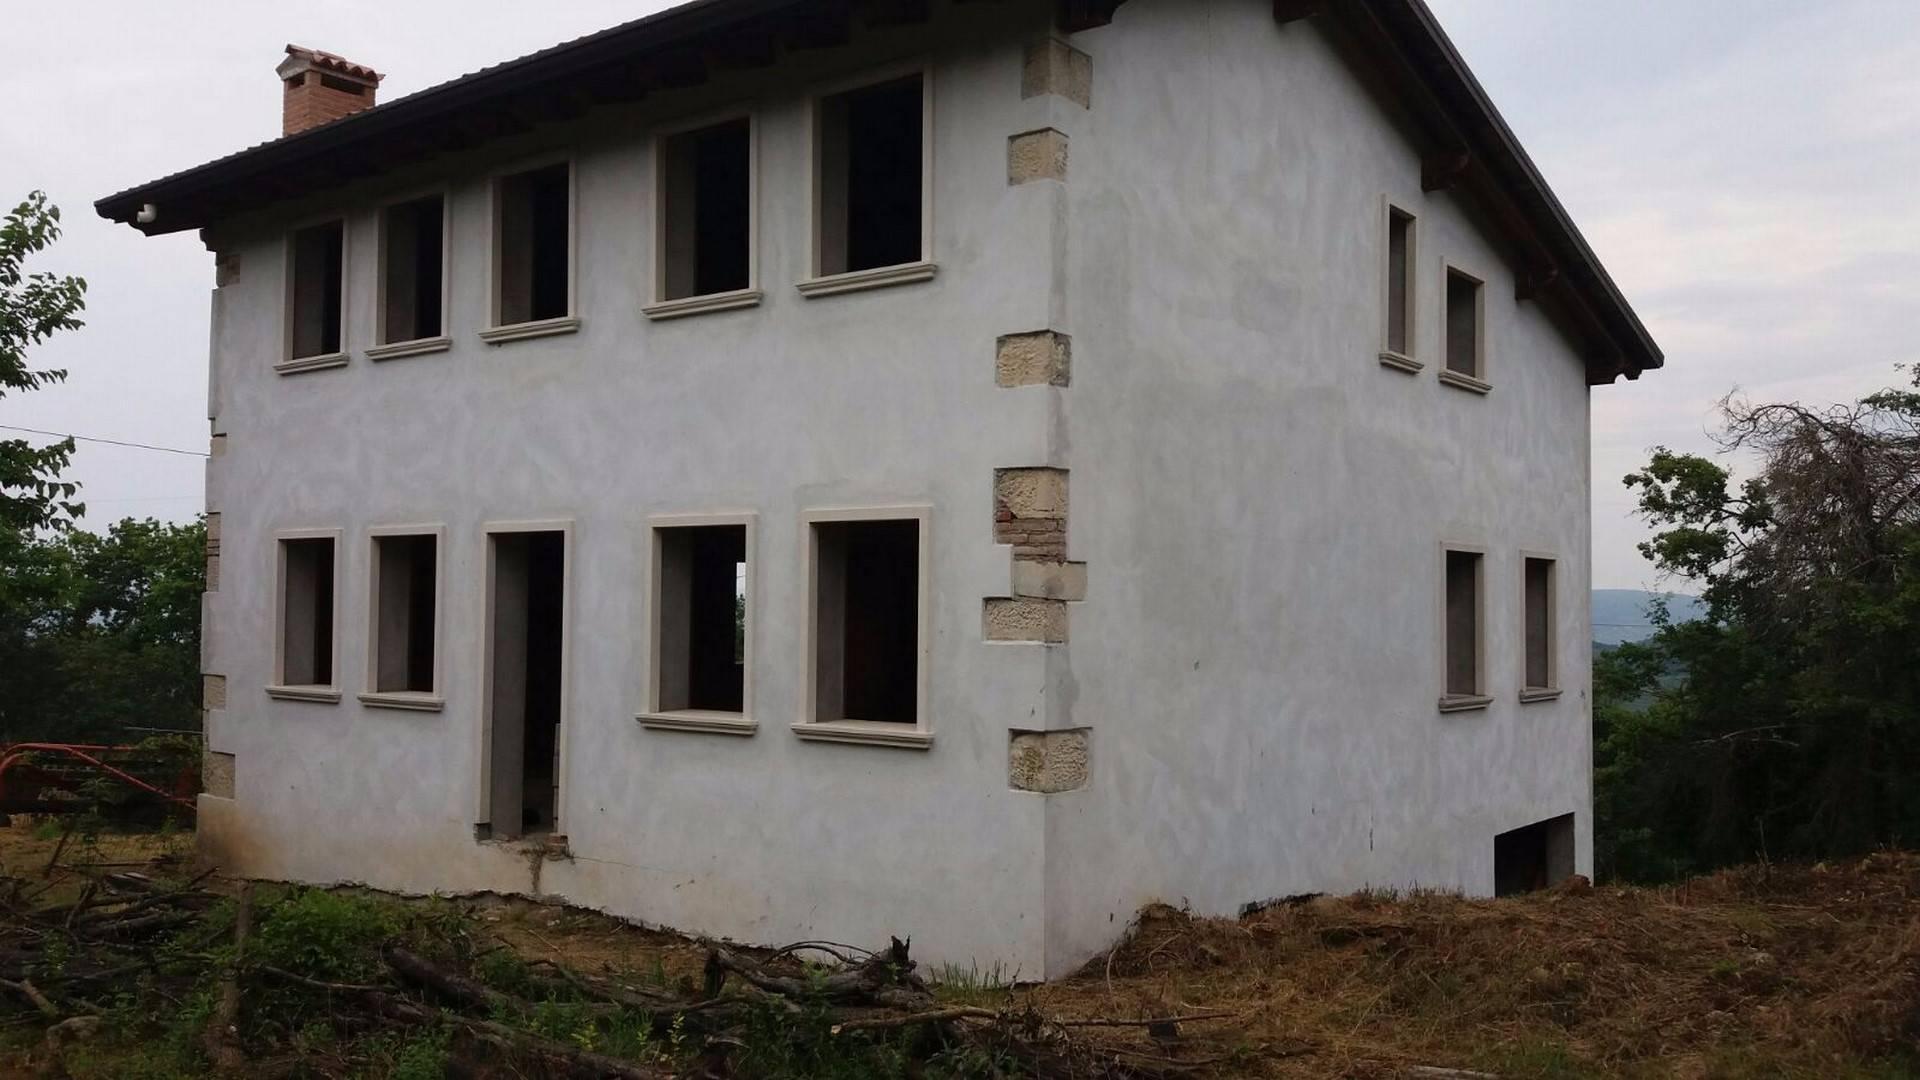 Soluzione Indipendente in vendita a Sarego, 6 locali, prezzo € 380.000 | Cambio Casa.it